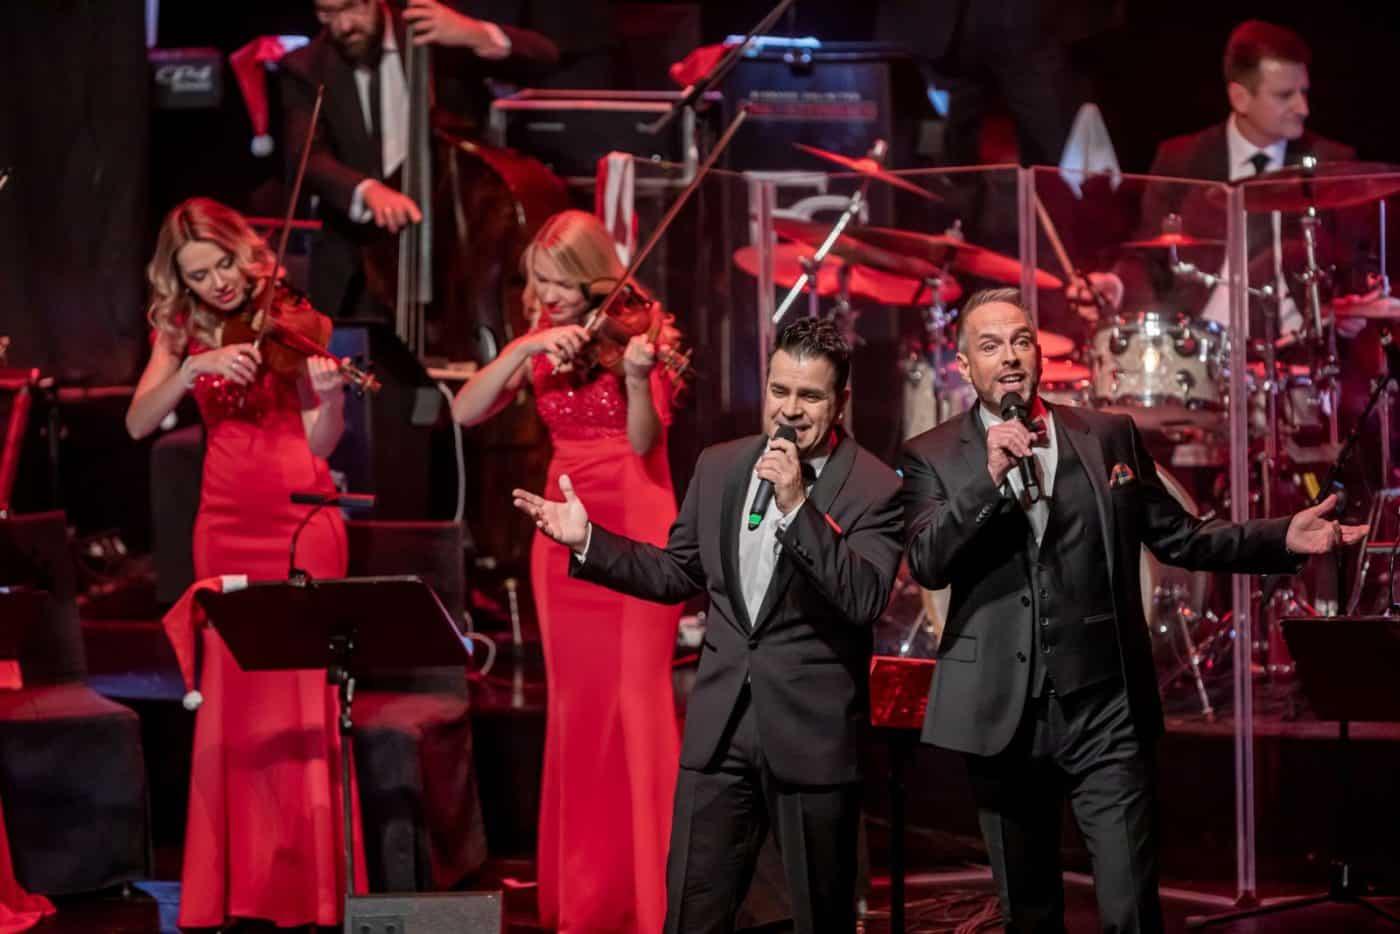 Zu besonderen Firmenfeiern spielt die STEINBACH Band zusammen mit ihrem Streicherensemble und Sängern.